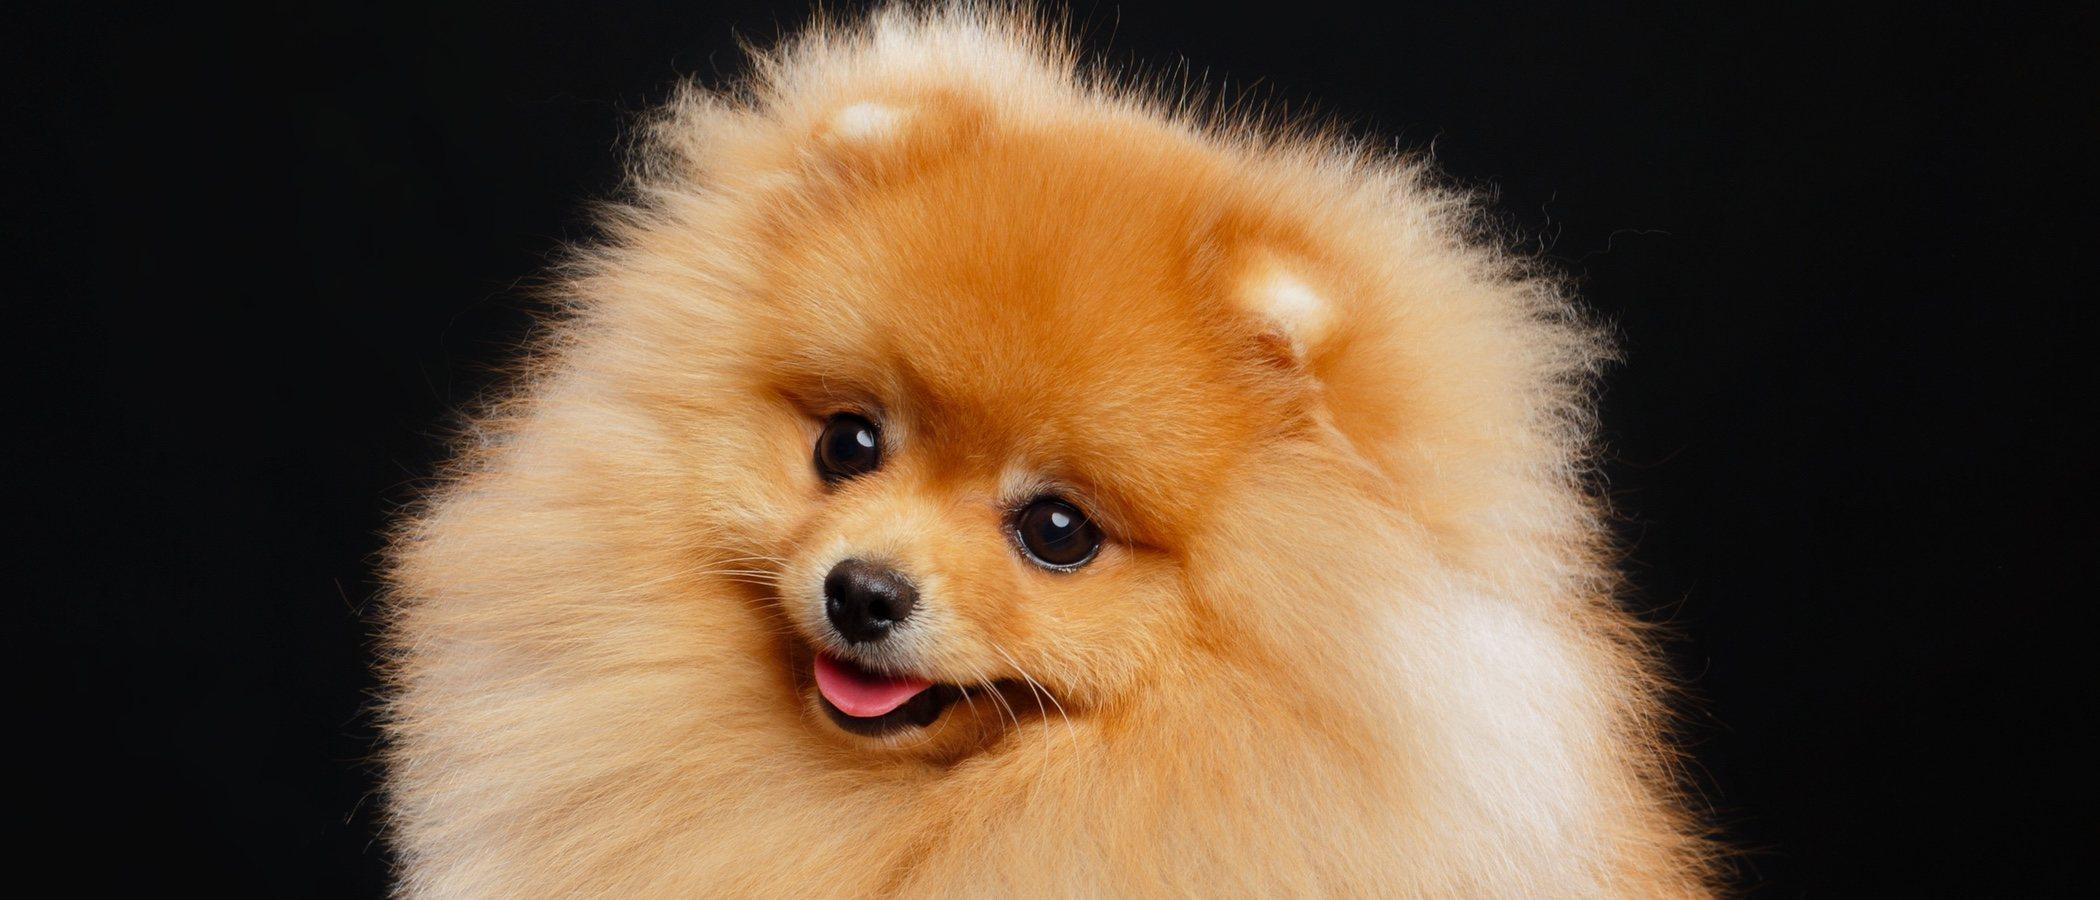 Spitz alemán: conoce todo sobre esta raza de perro